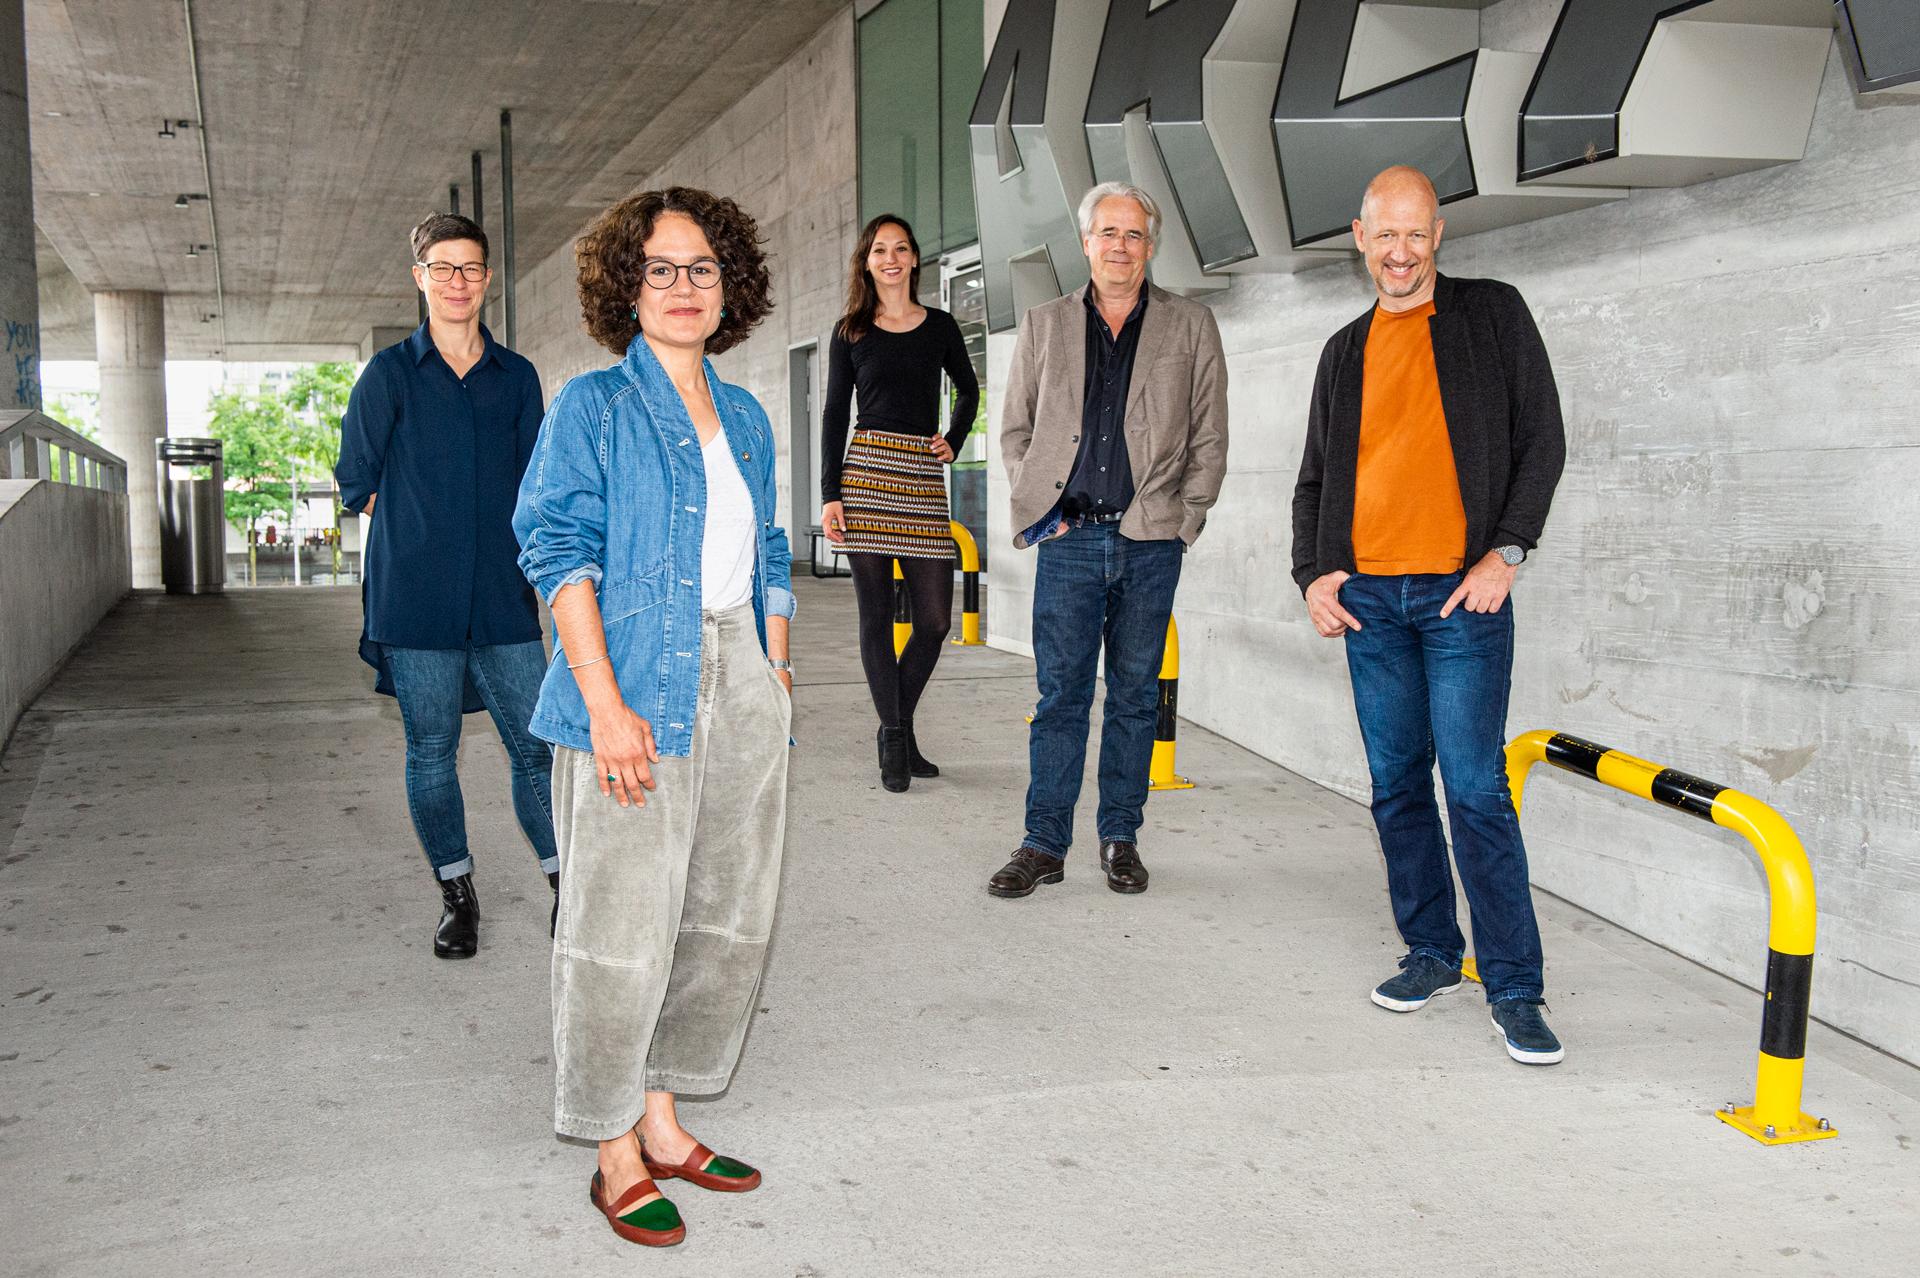 From left to right: Ursula Ledergerber, Karin Zindel, Friederike Vinzenz, Michael Eidenbenz, Michael Krohn. Photograph: Johannes Dietschi